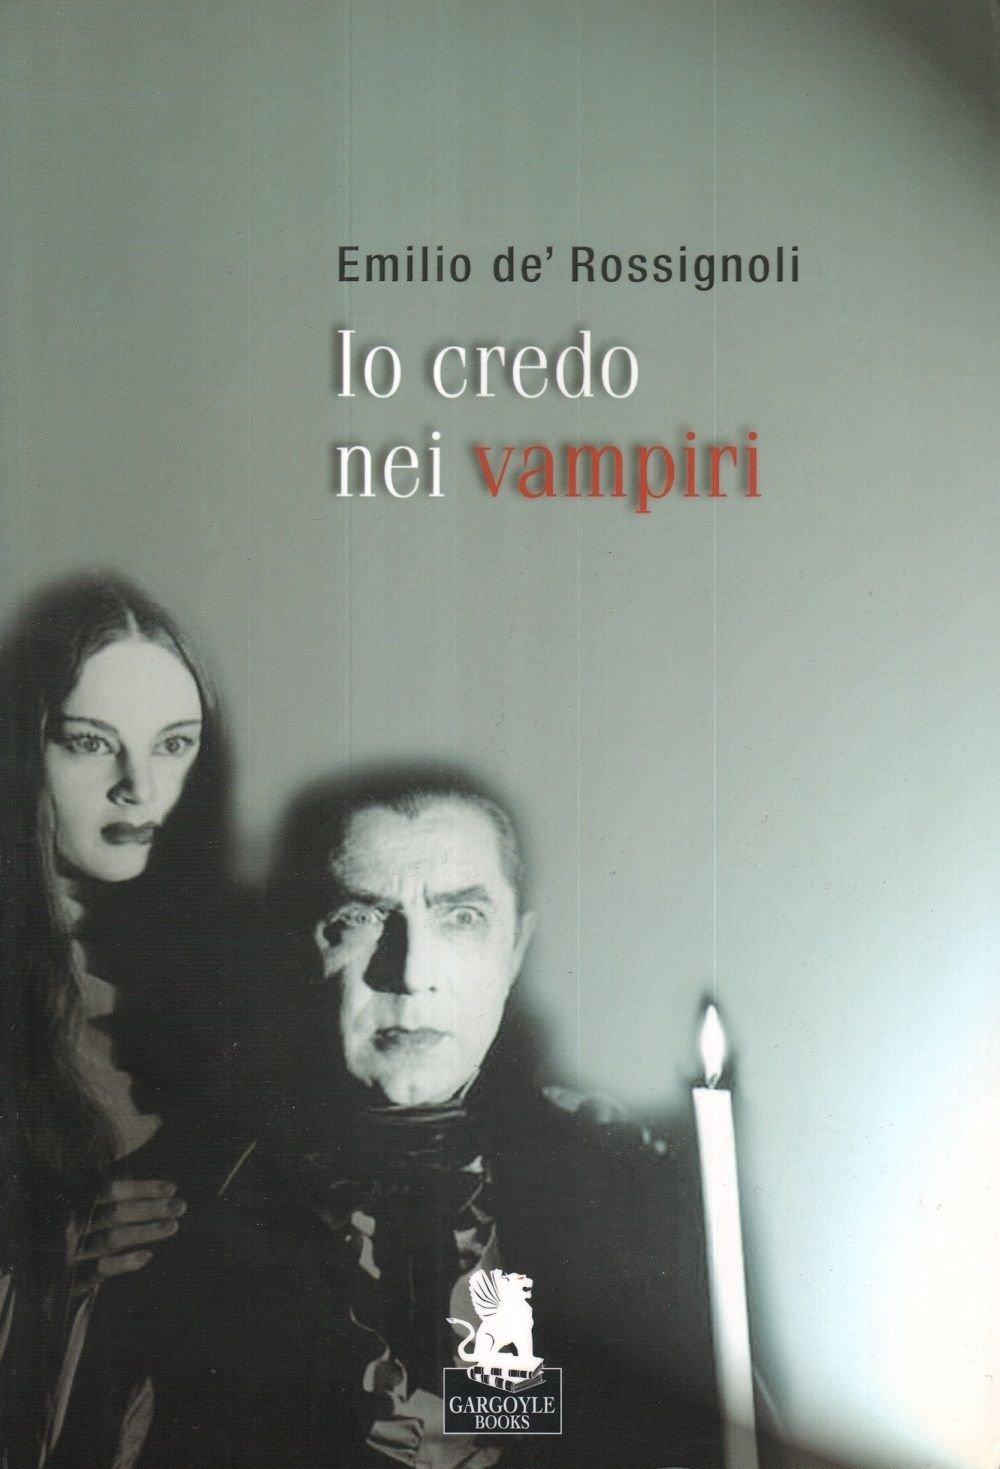 Emilio De Rossignoli - Io credo nei vampiri